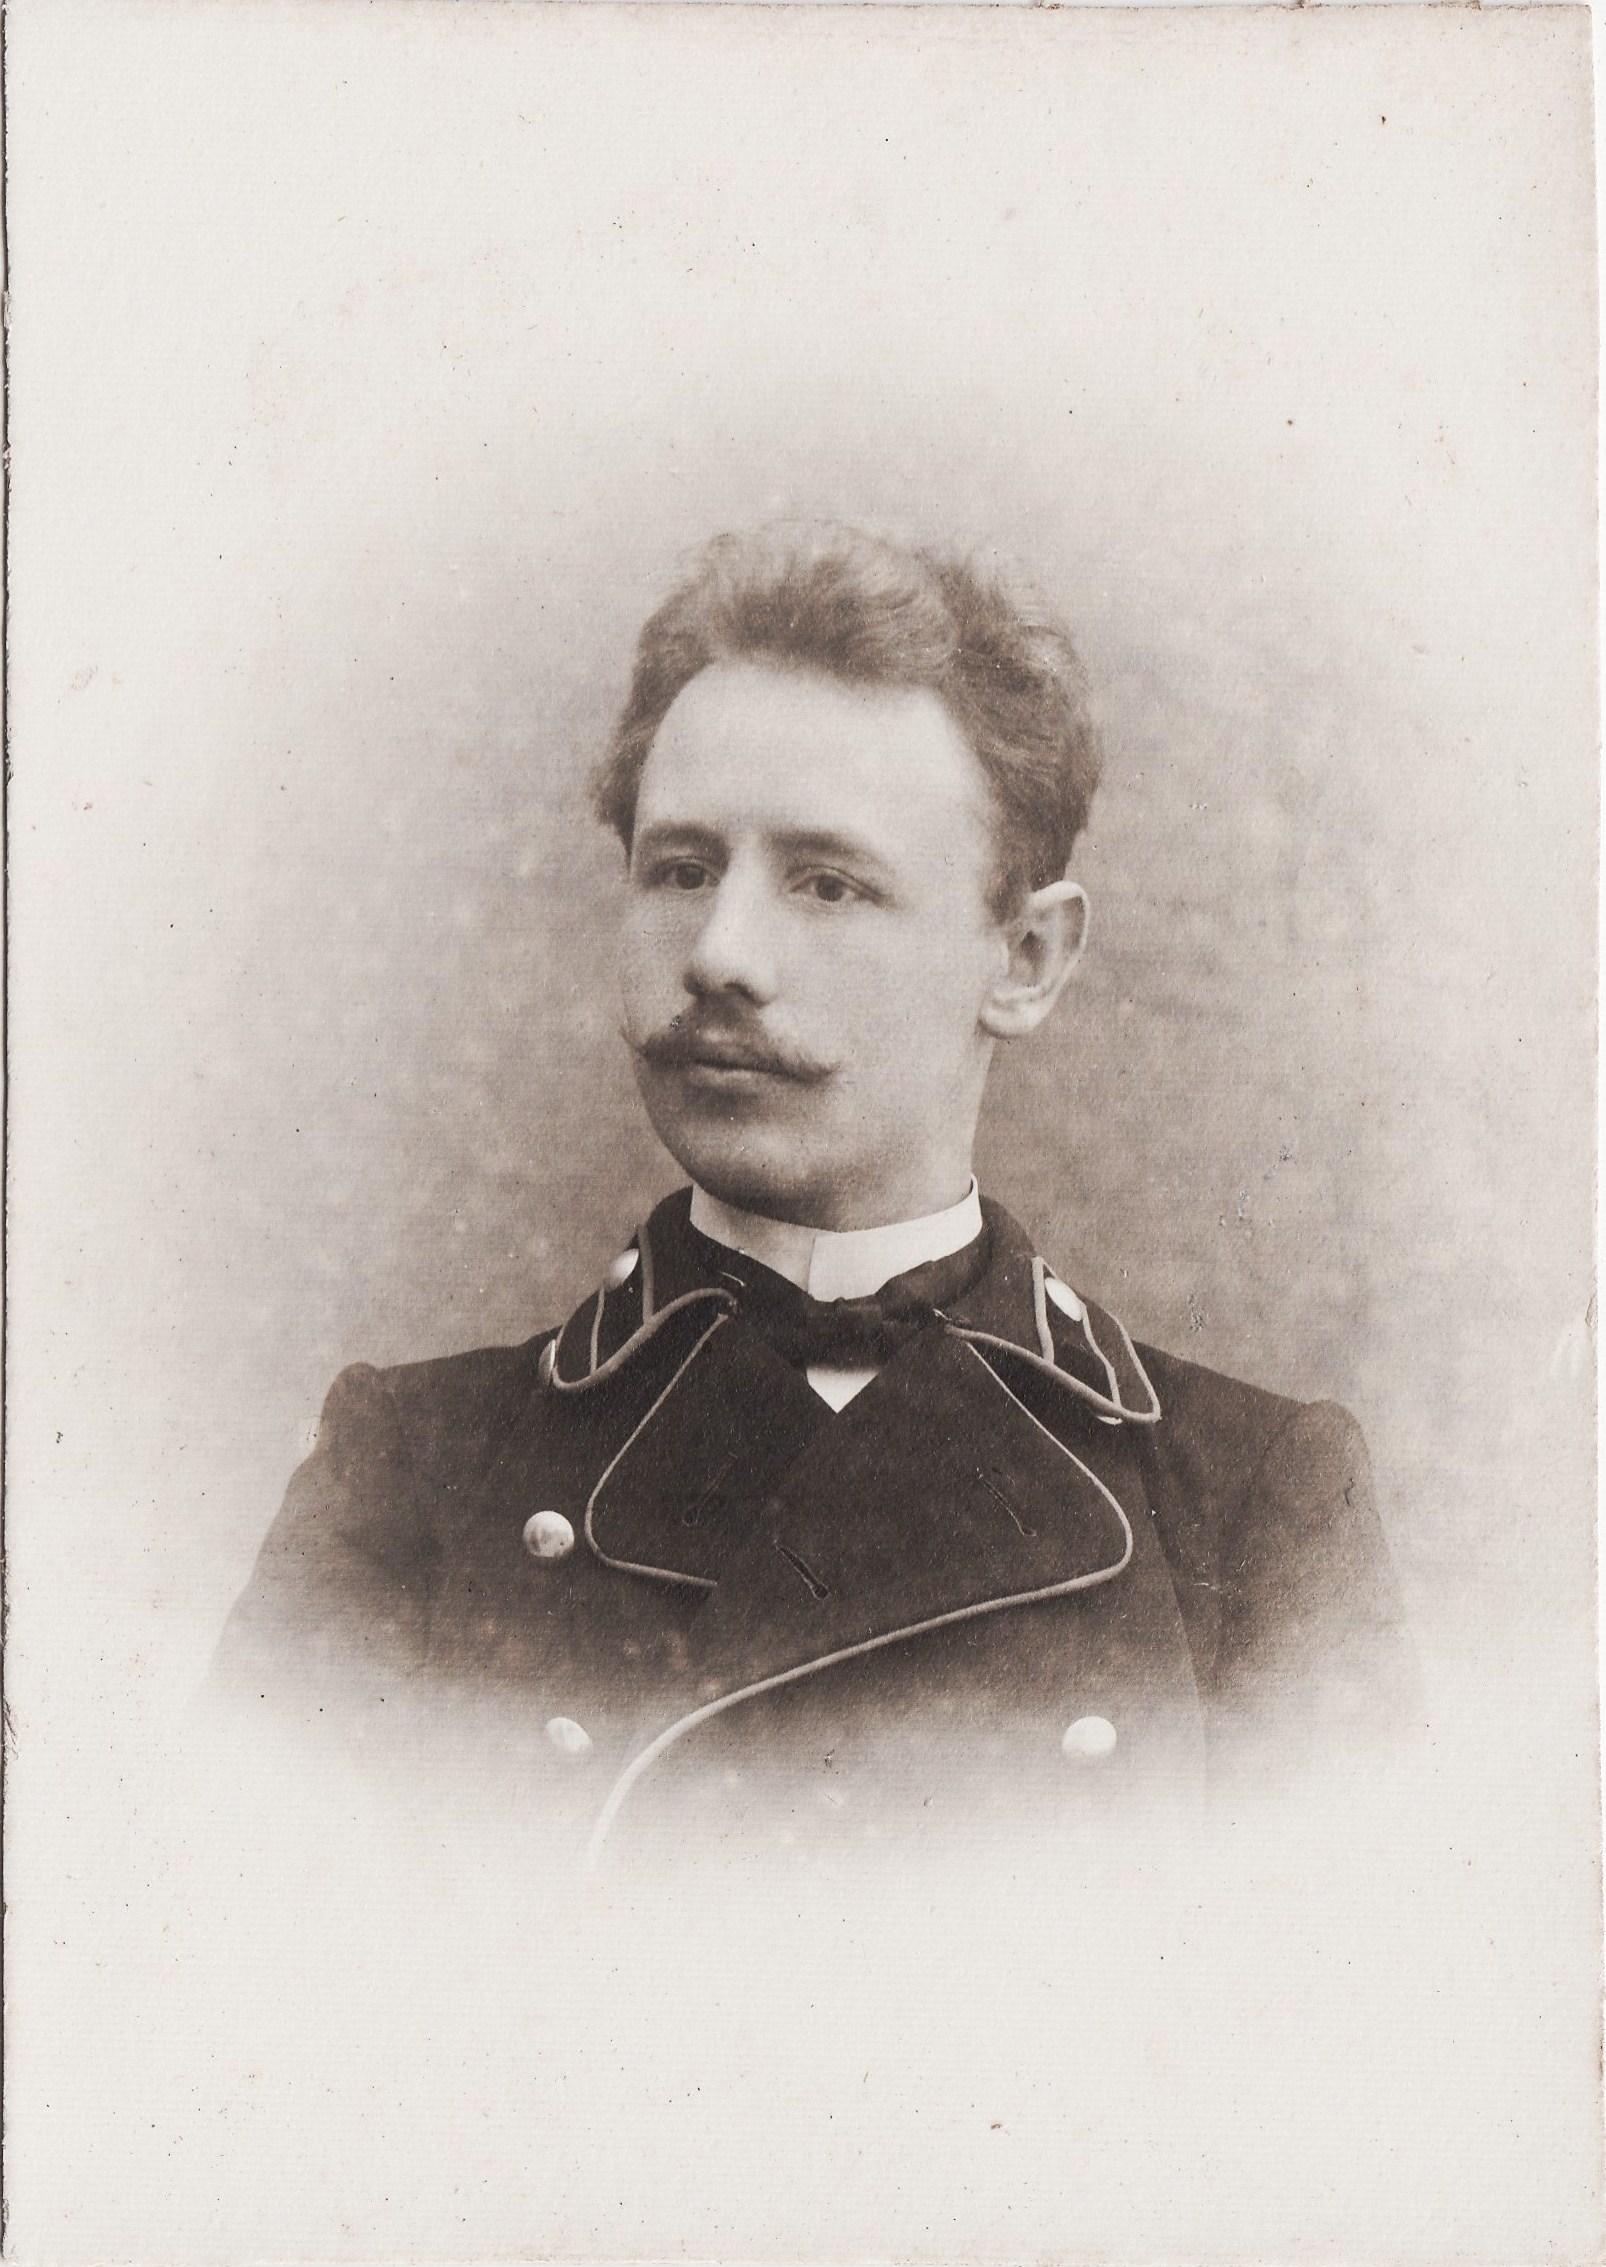 Студент Розанов Григорий Михайлович. I отделение разряд 2.